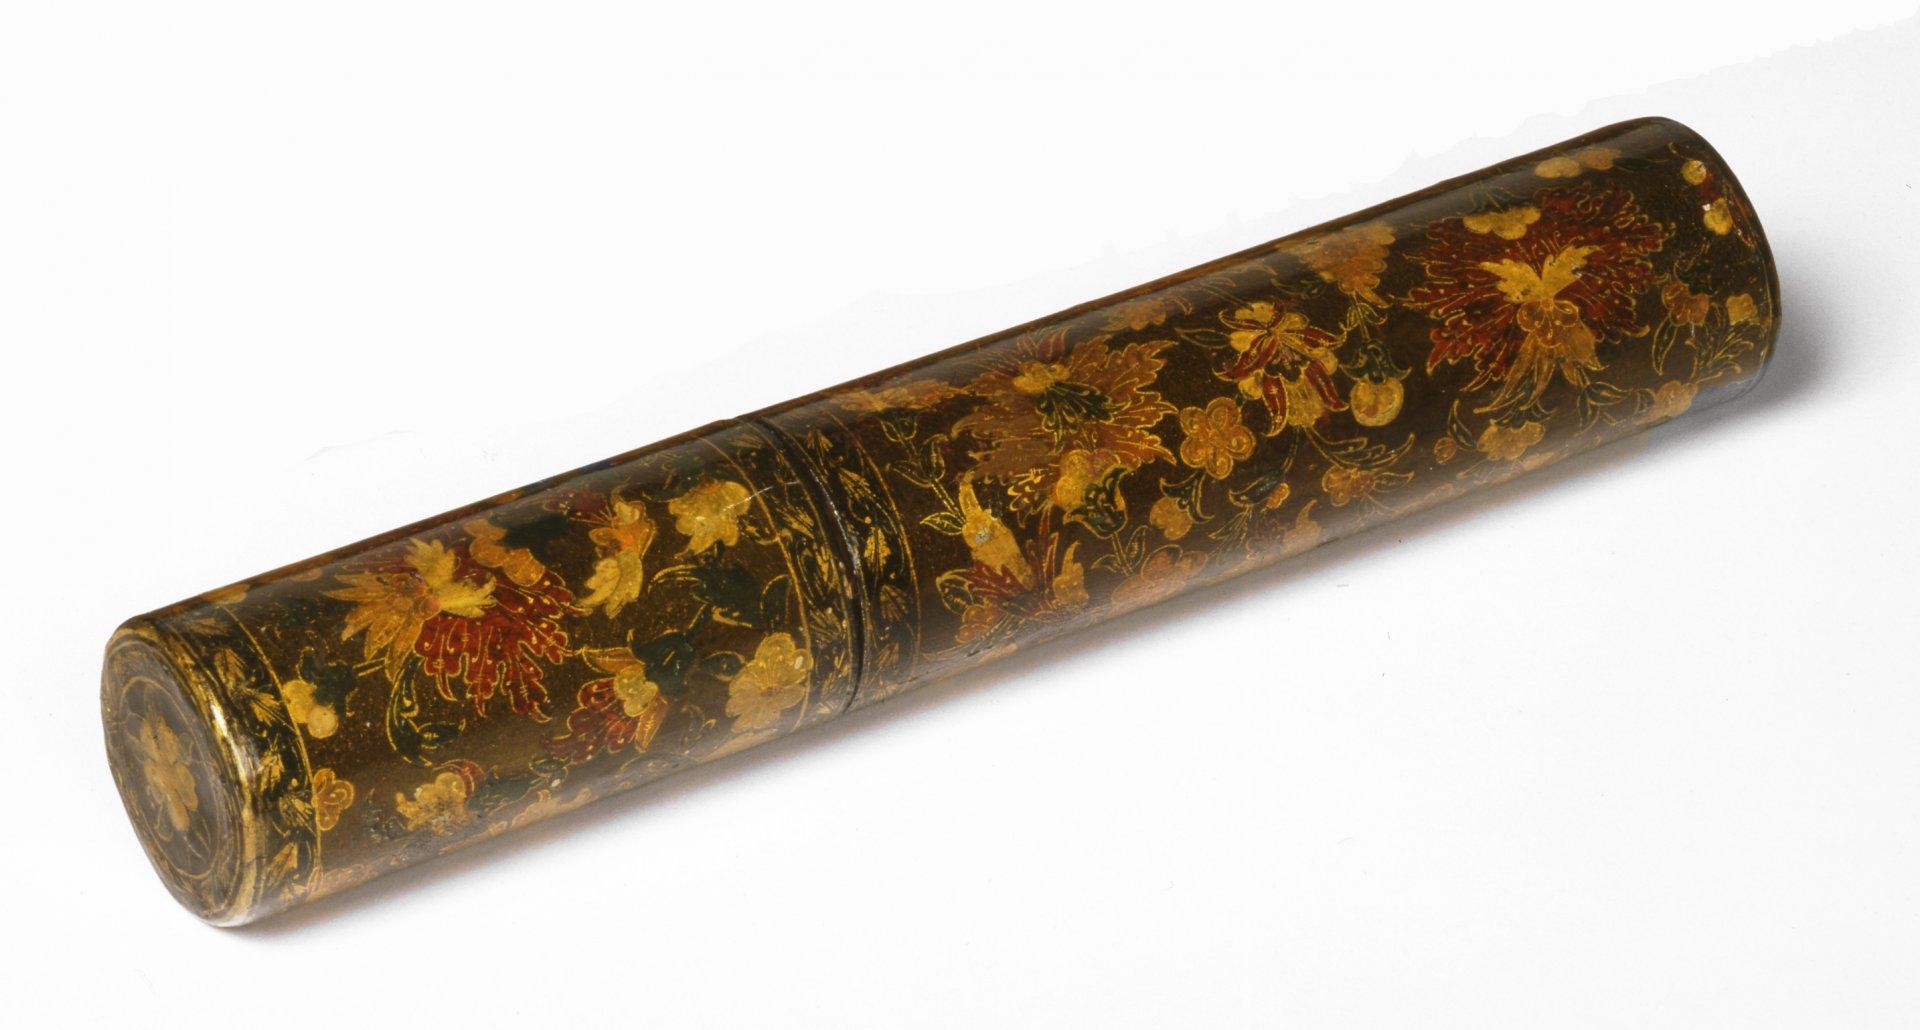 18dCylindriske-pennesaeker-af-lakeret-papmache.jpg